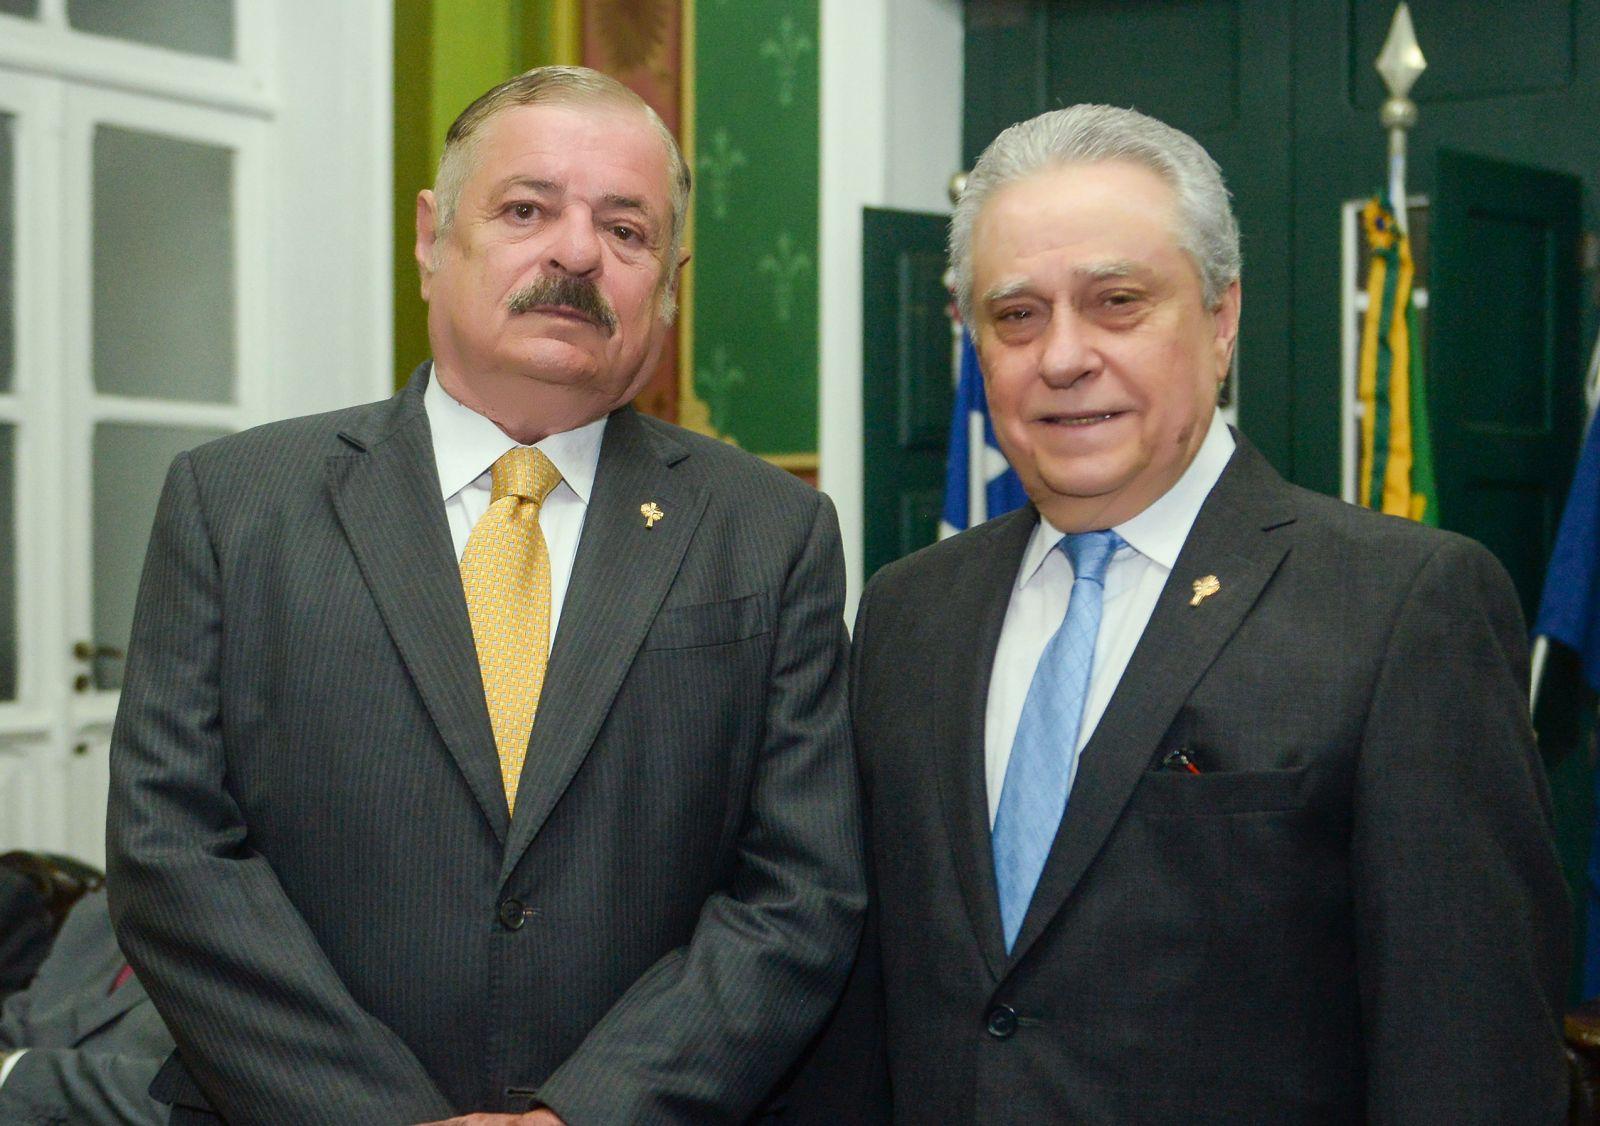 Paulo Lebram recebeu o título de Cidadão da Cidade do Salvador, conferido pelo vereador Pedro Godinho